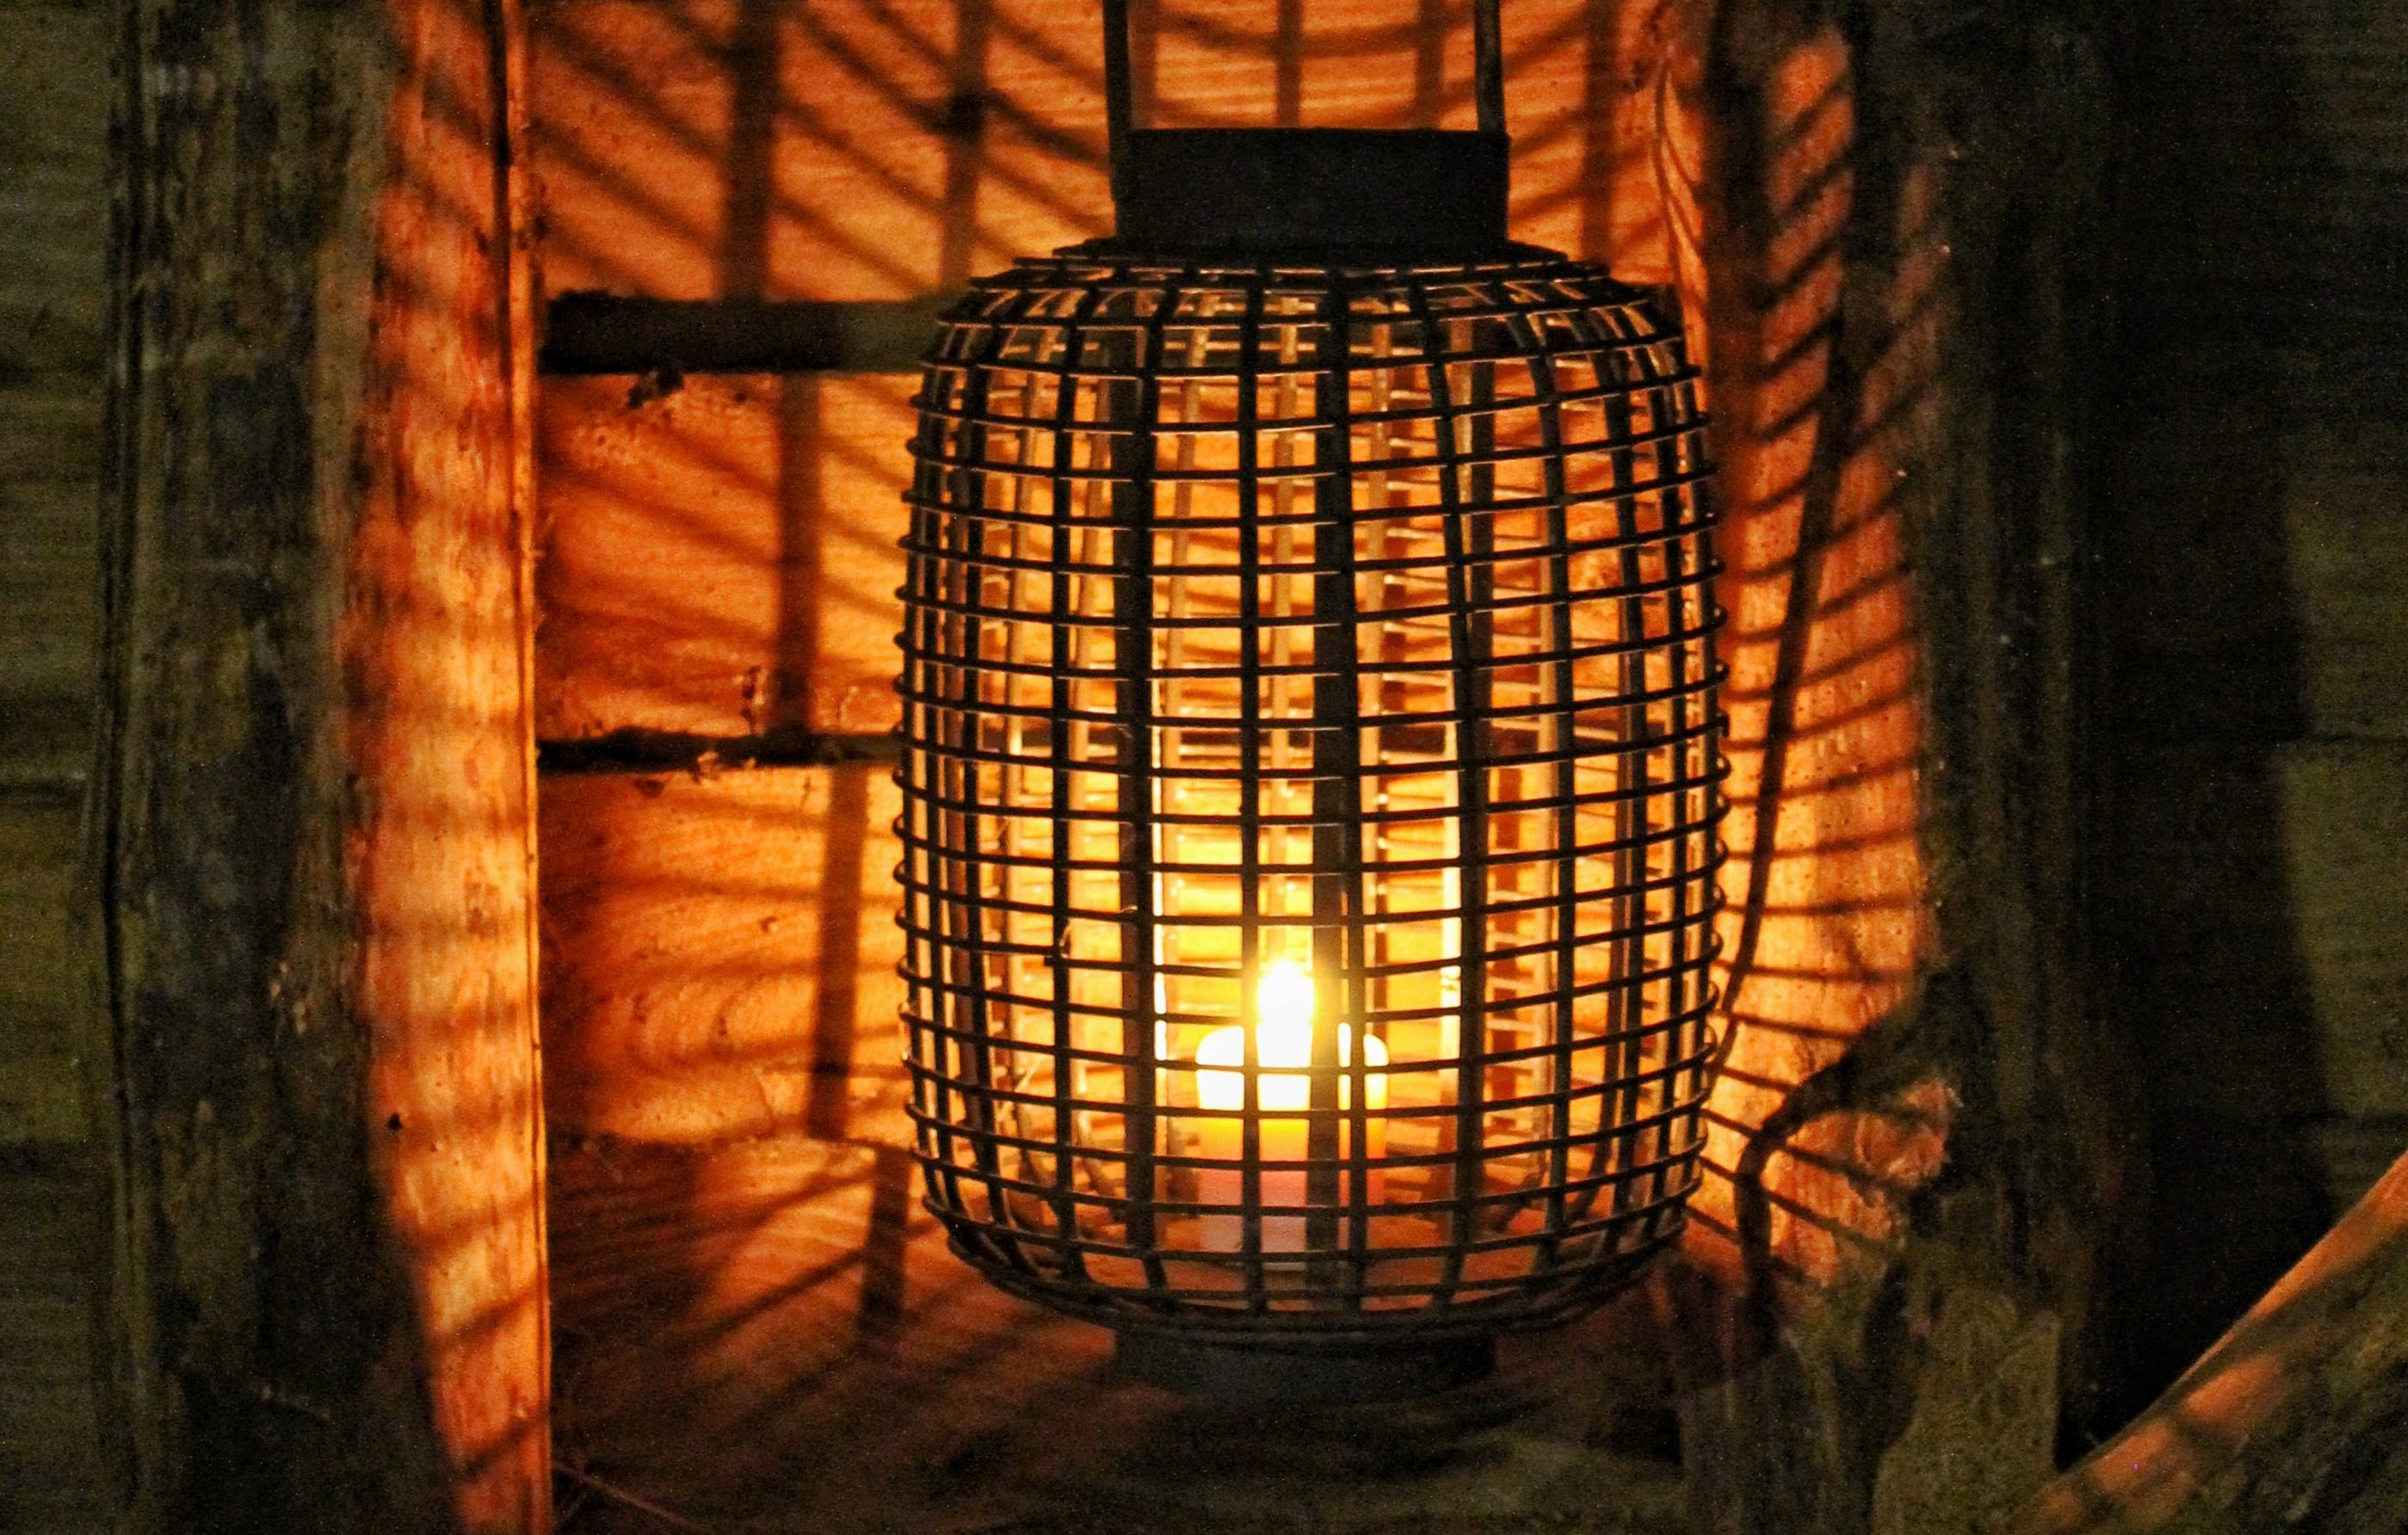 Ting å tenke over før du brenner levende lys